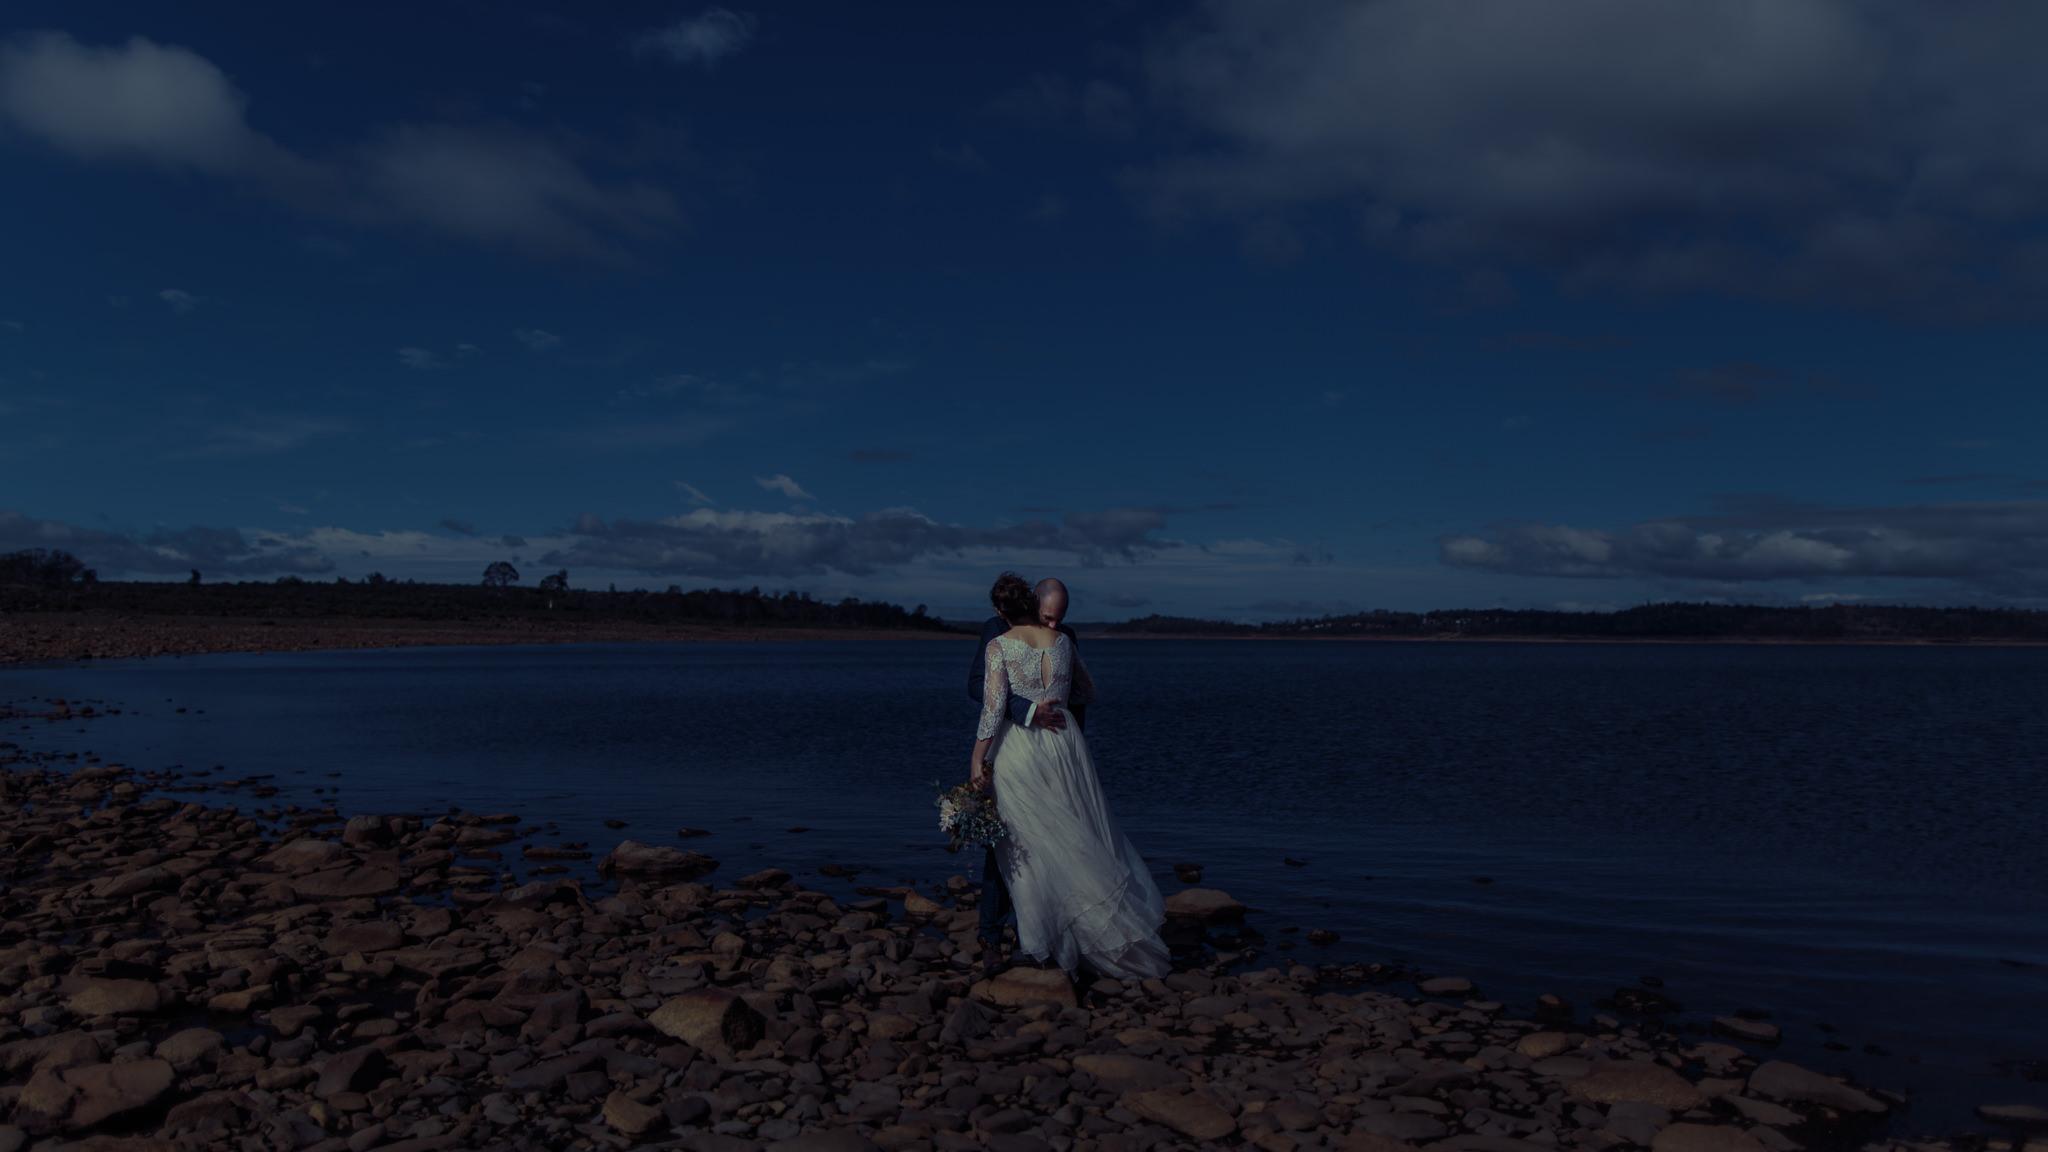 Pumphouse_Point_wedding_photography_elopement646.JPG